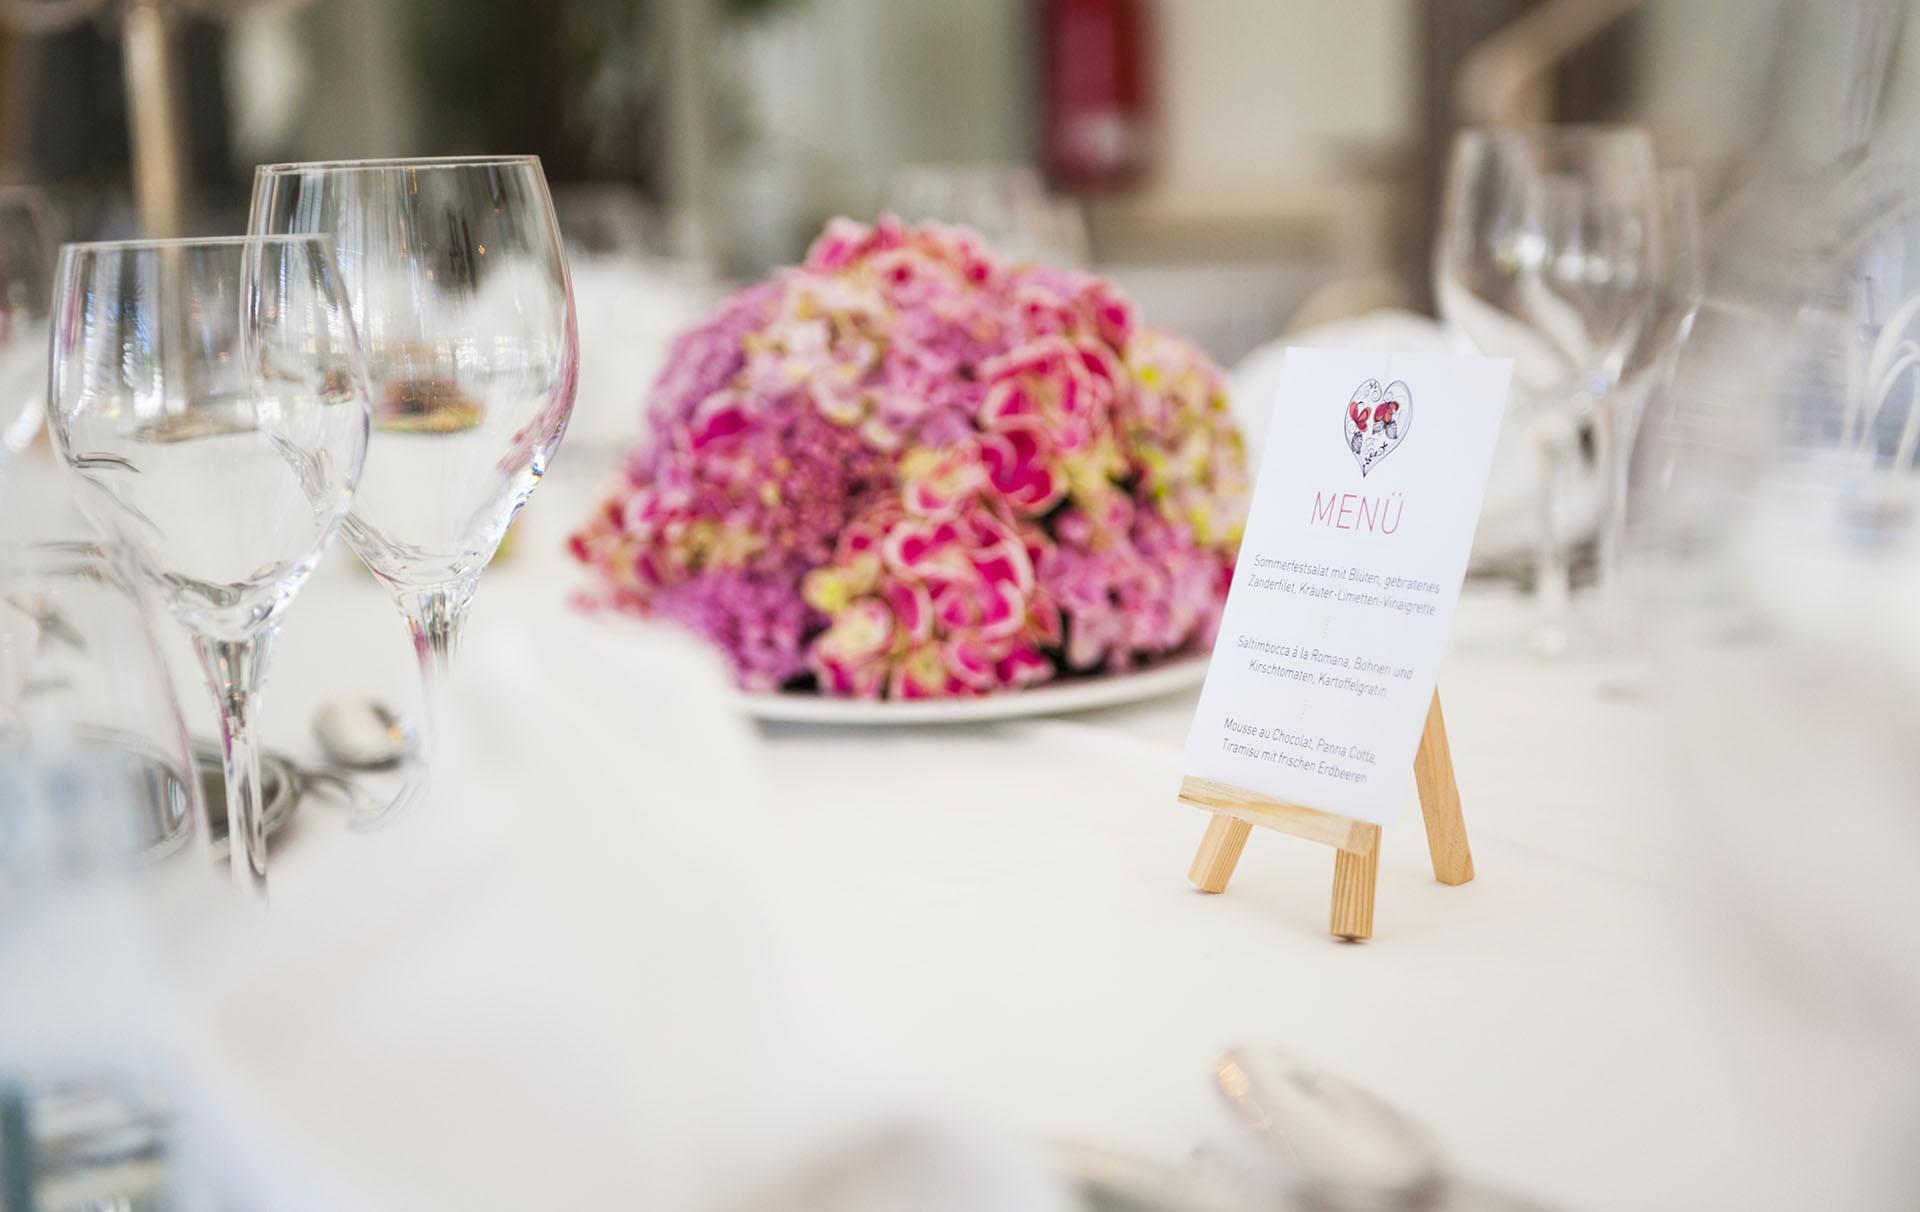 wedding day menu blunder